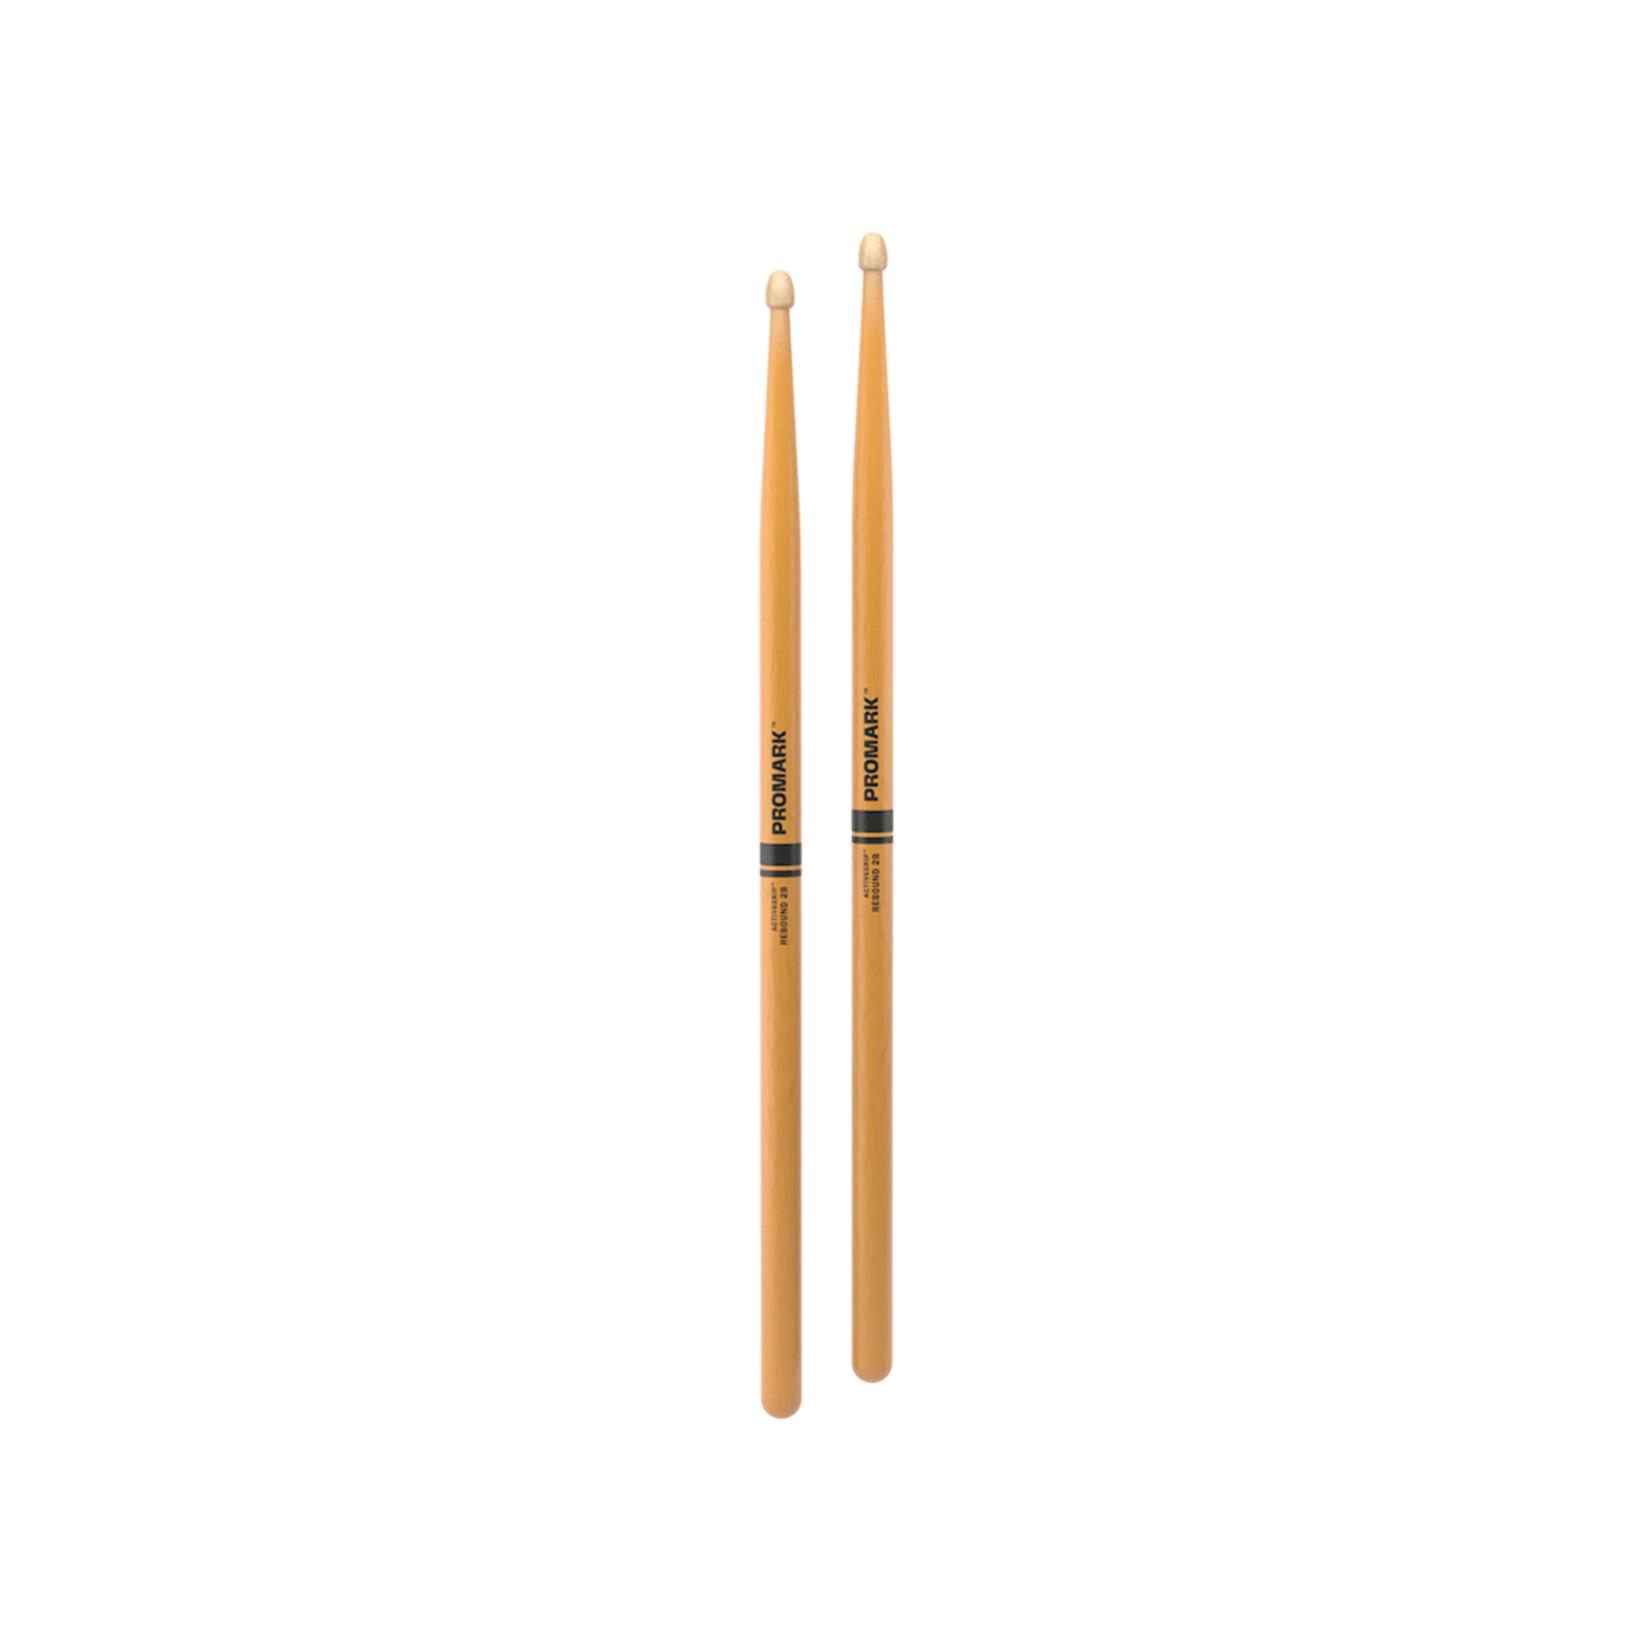 Promark ProMark Rebound 2B ActiveGrip Clear Acorn Tip Drumstick